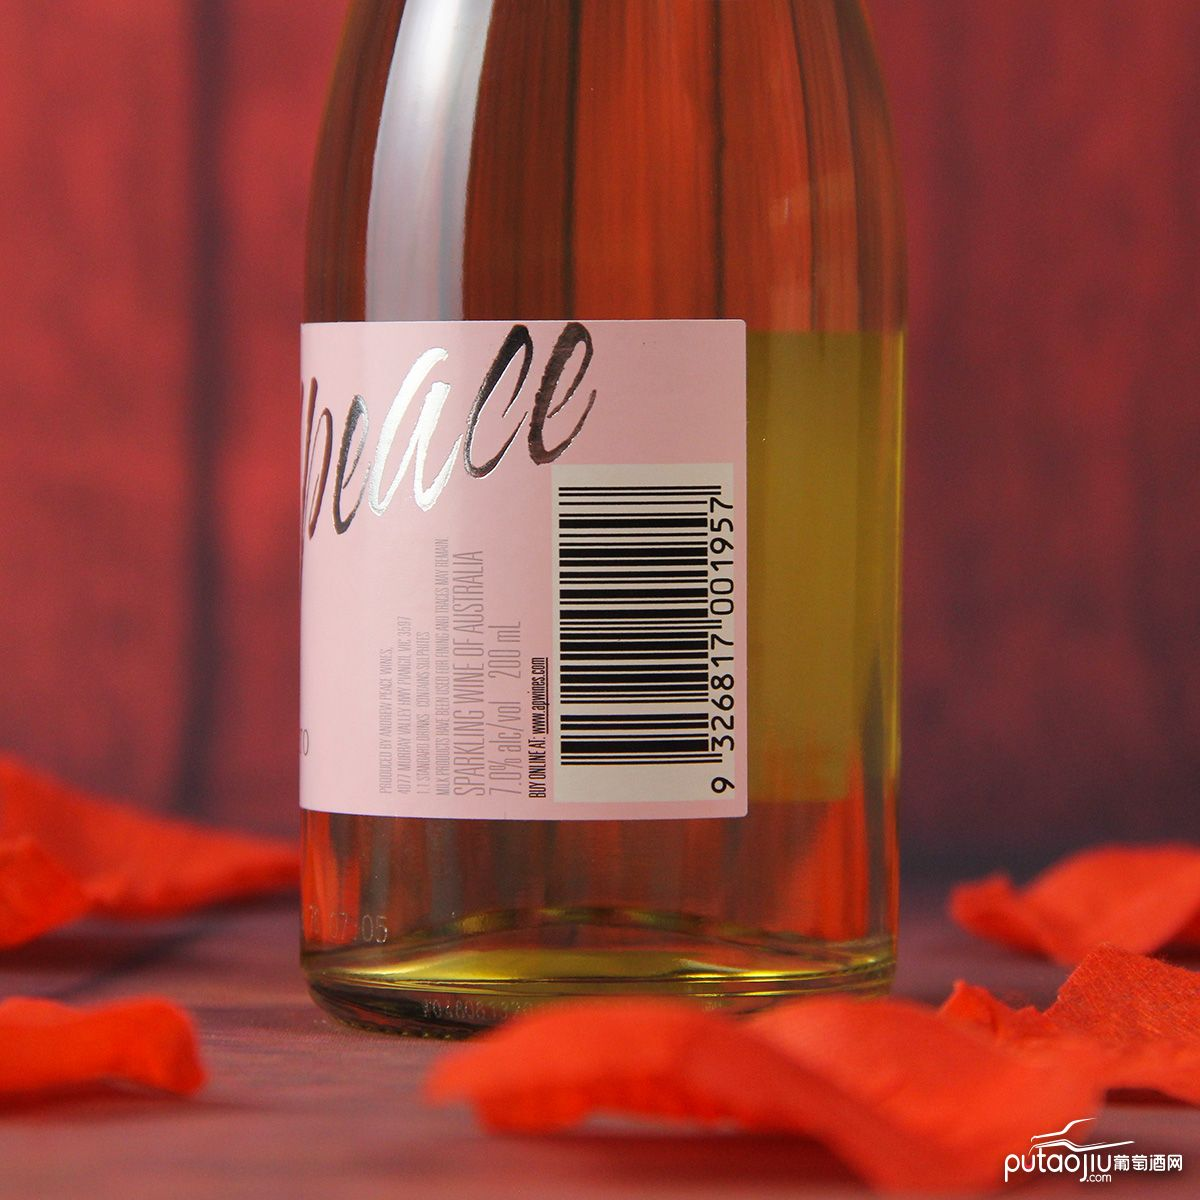 澳大利亚维多利亚安德鲁皮士酒庄皮士大师莫斯卡托小瓶起泡酒200mL